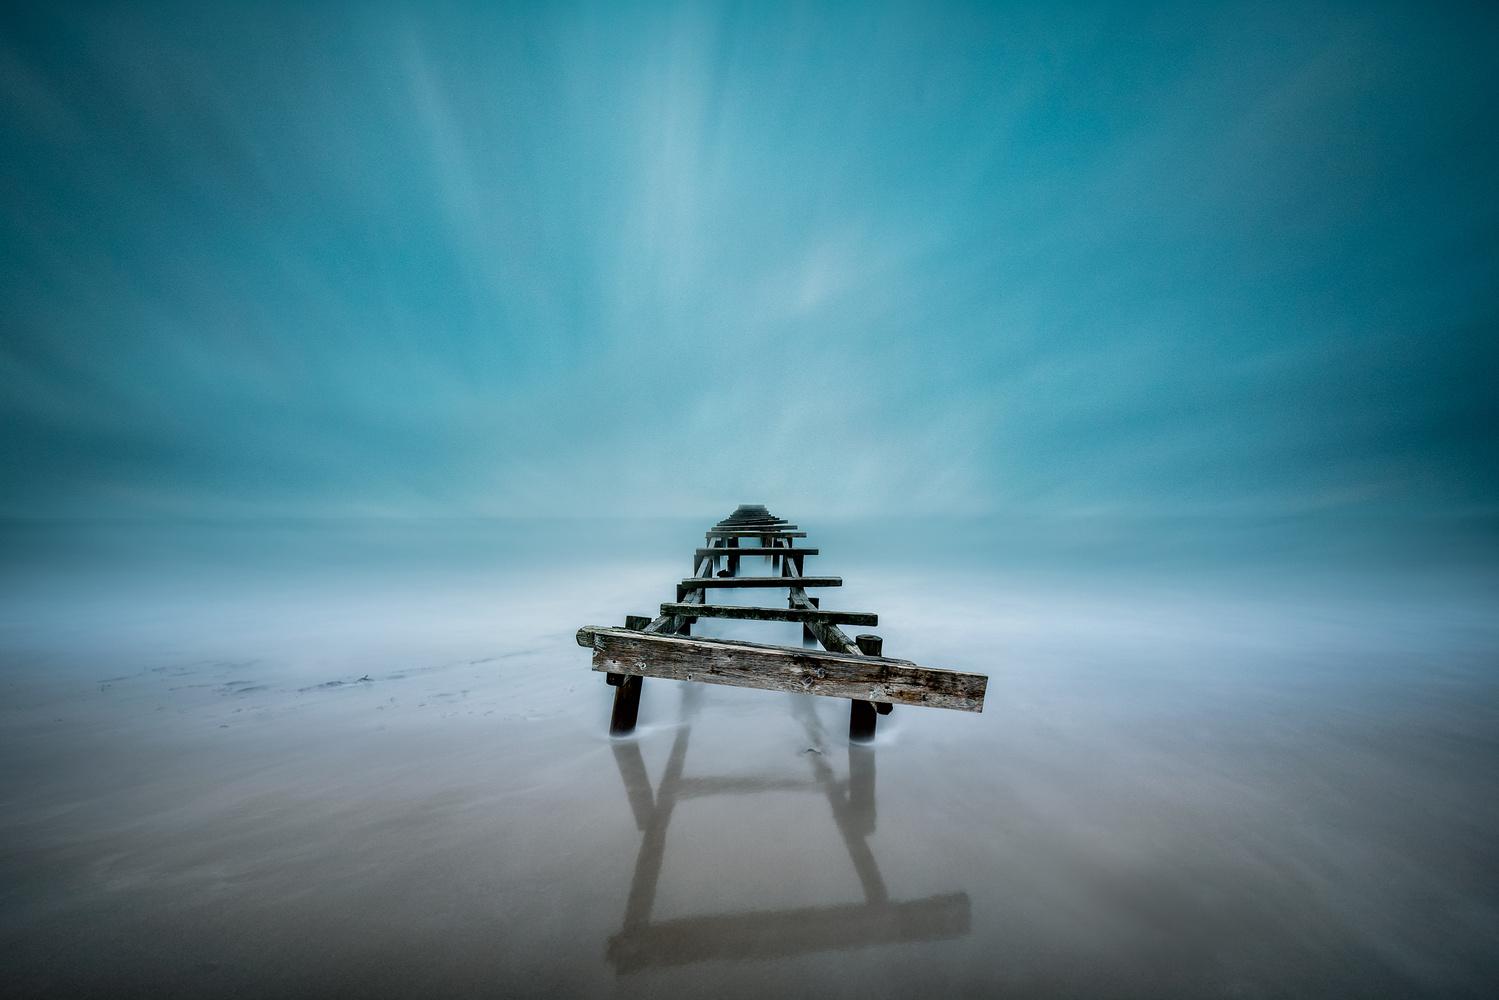 Into the unknown by Brian Lichtenstein